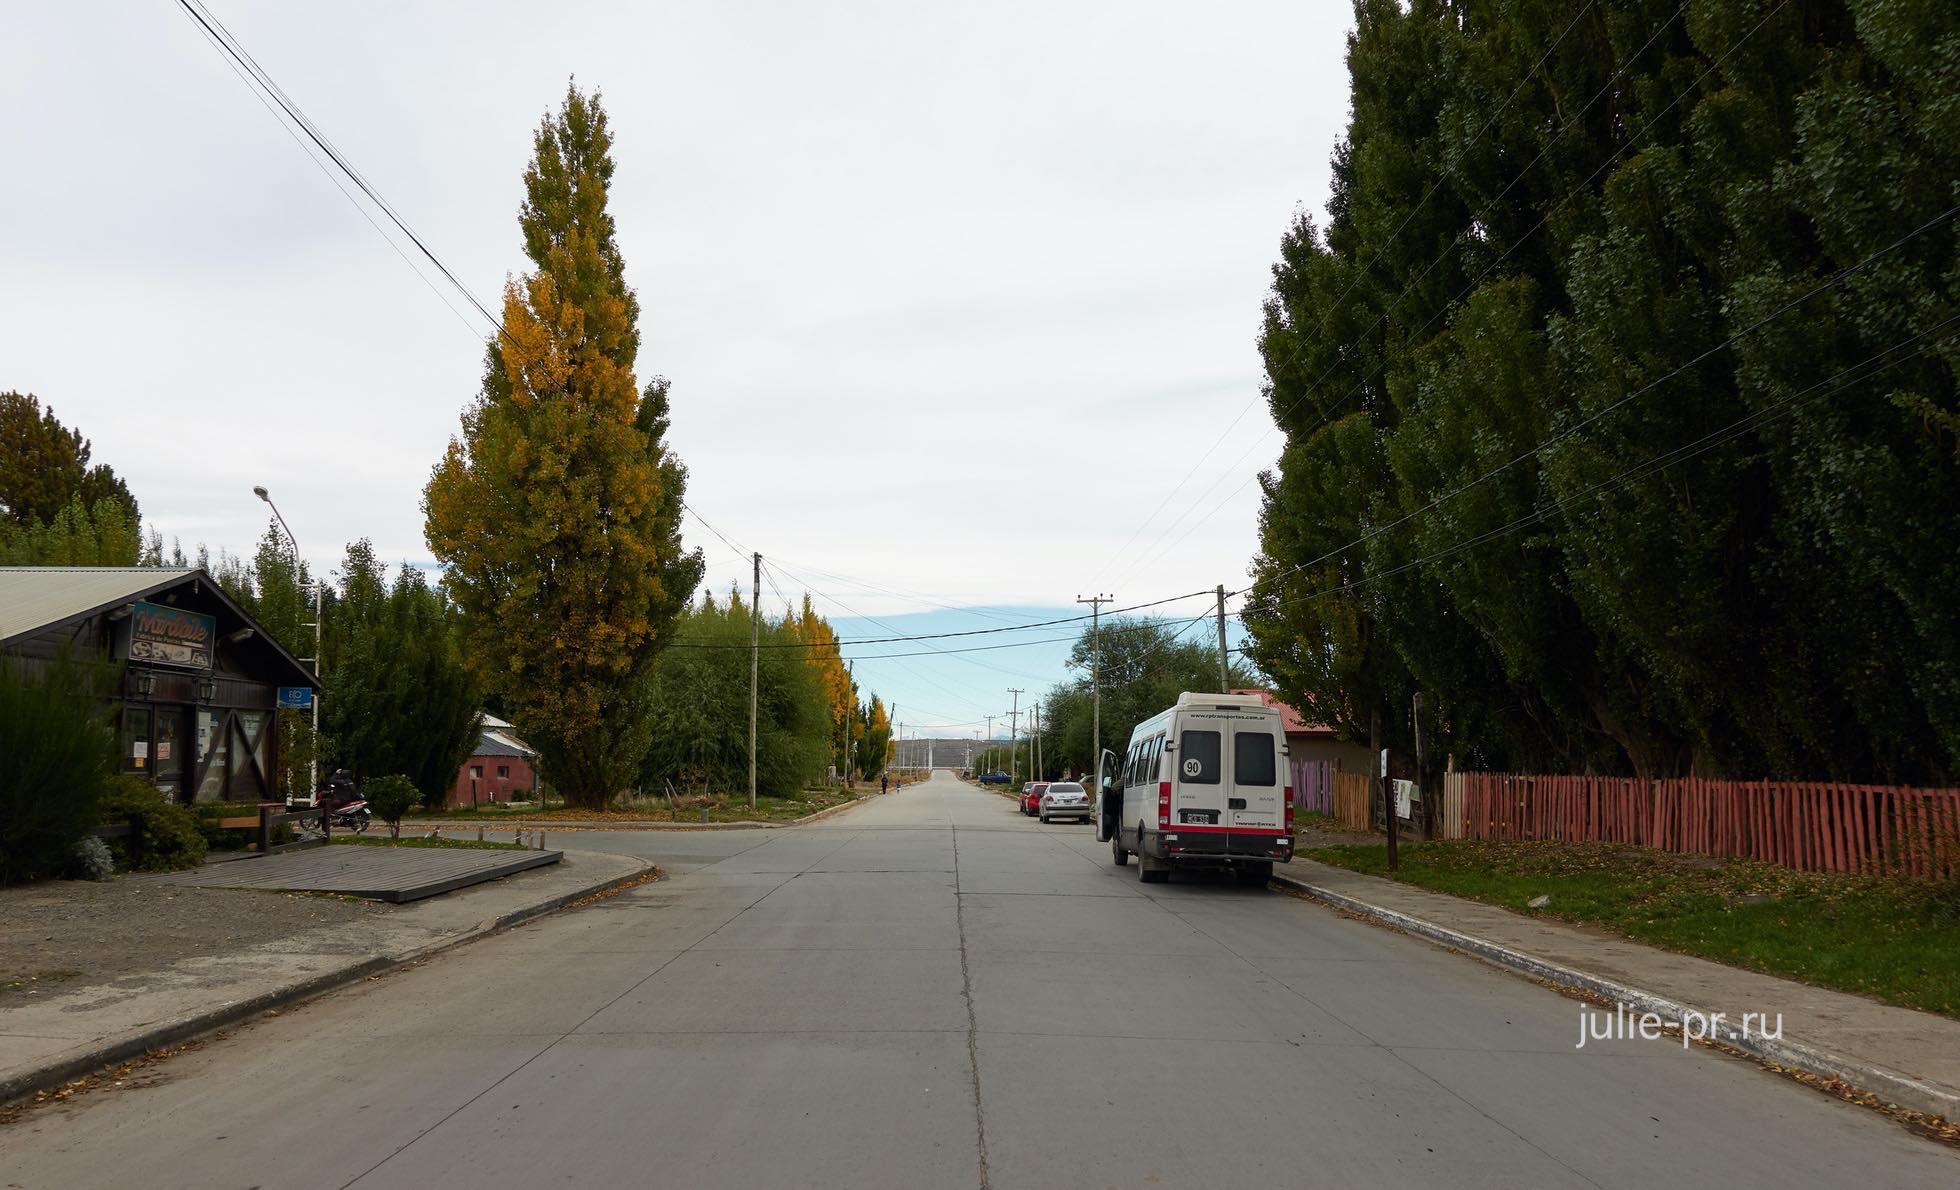 Аргентина, Патагония, Эль-Калафате